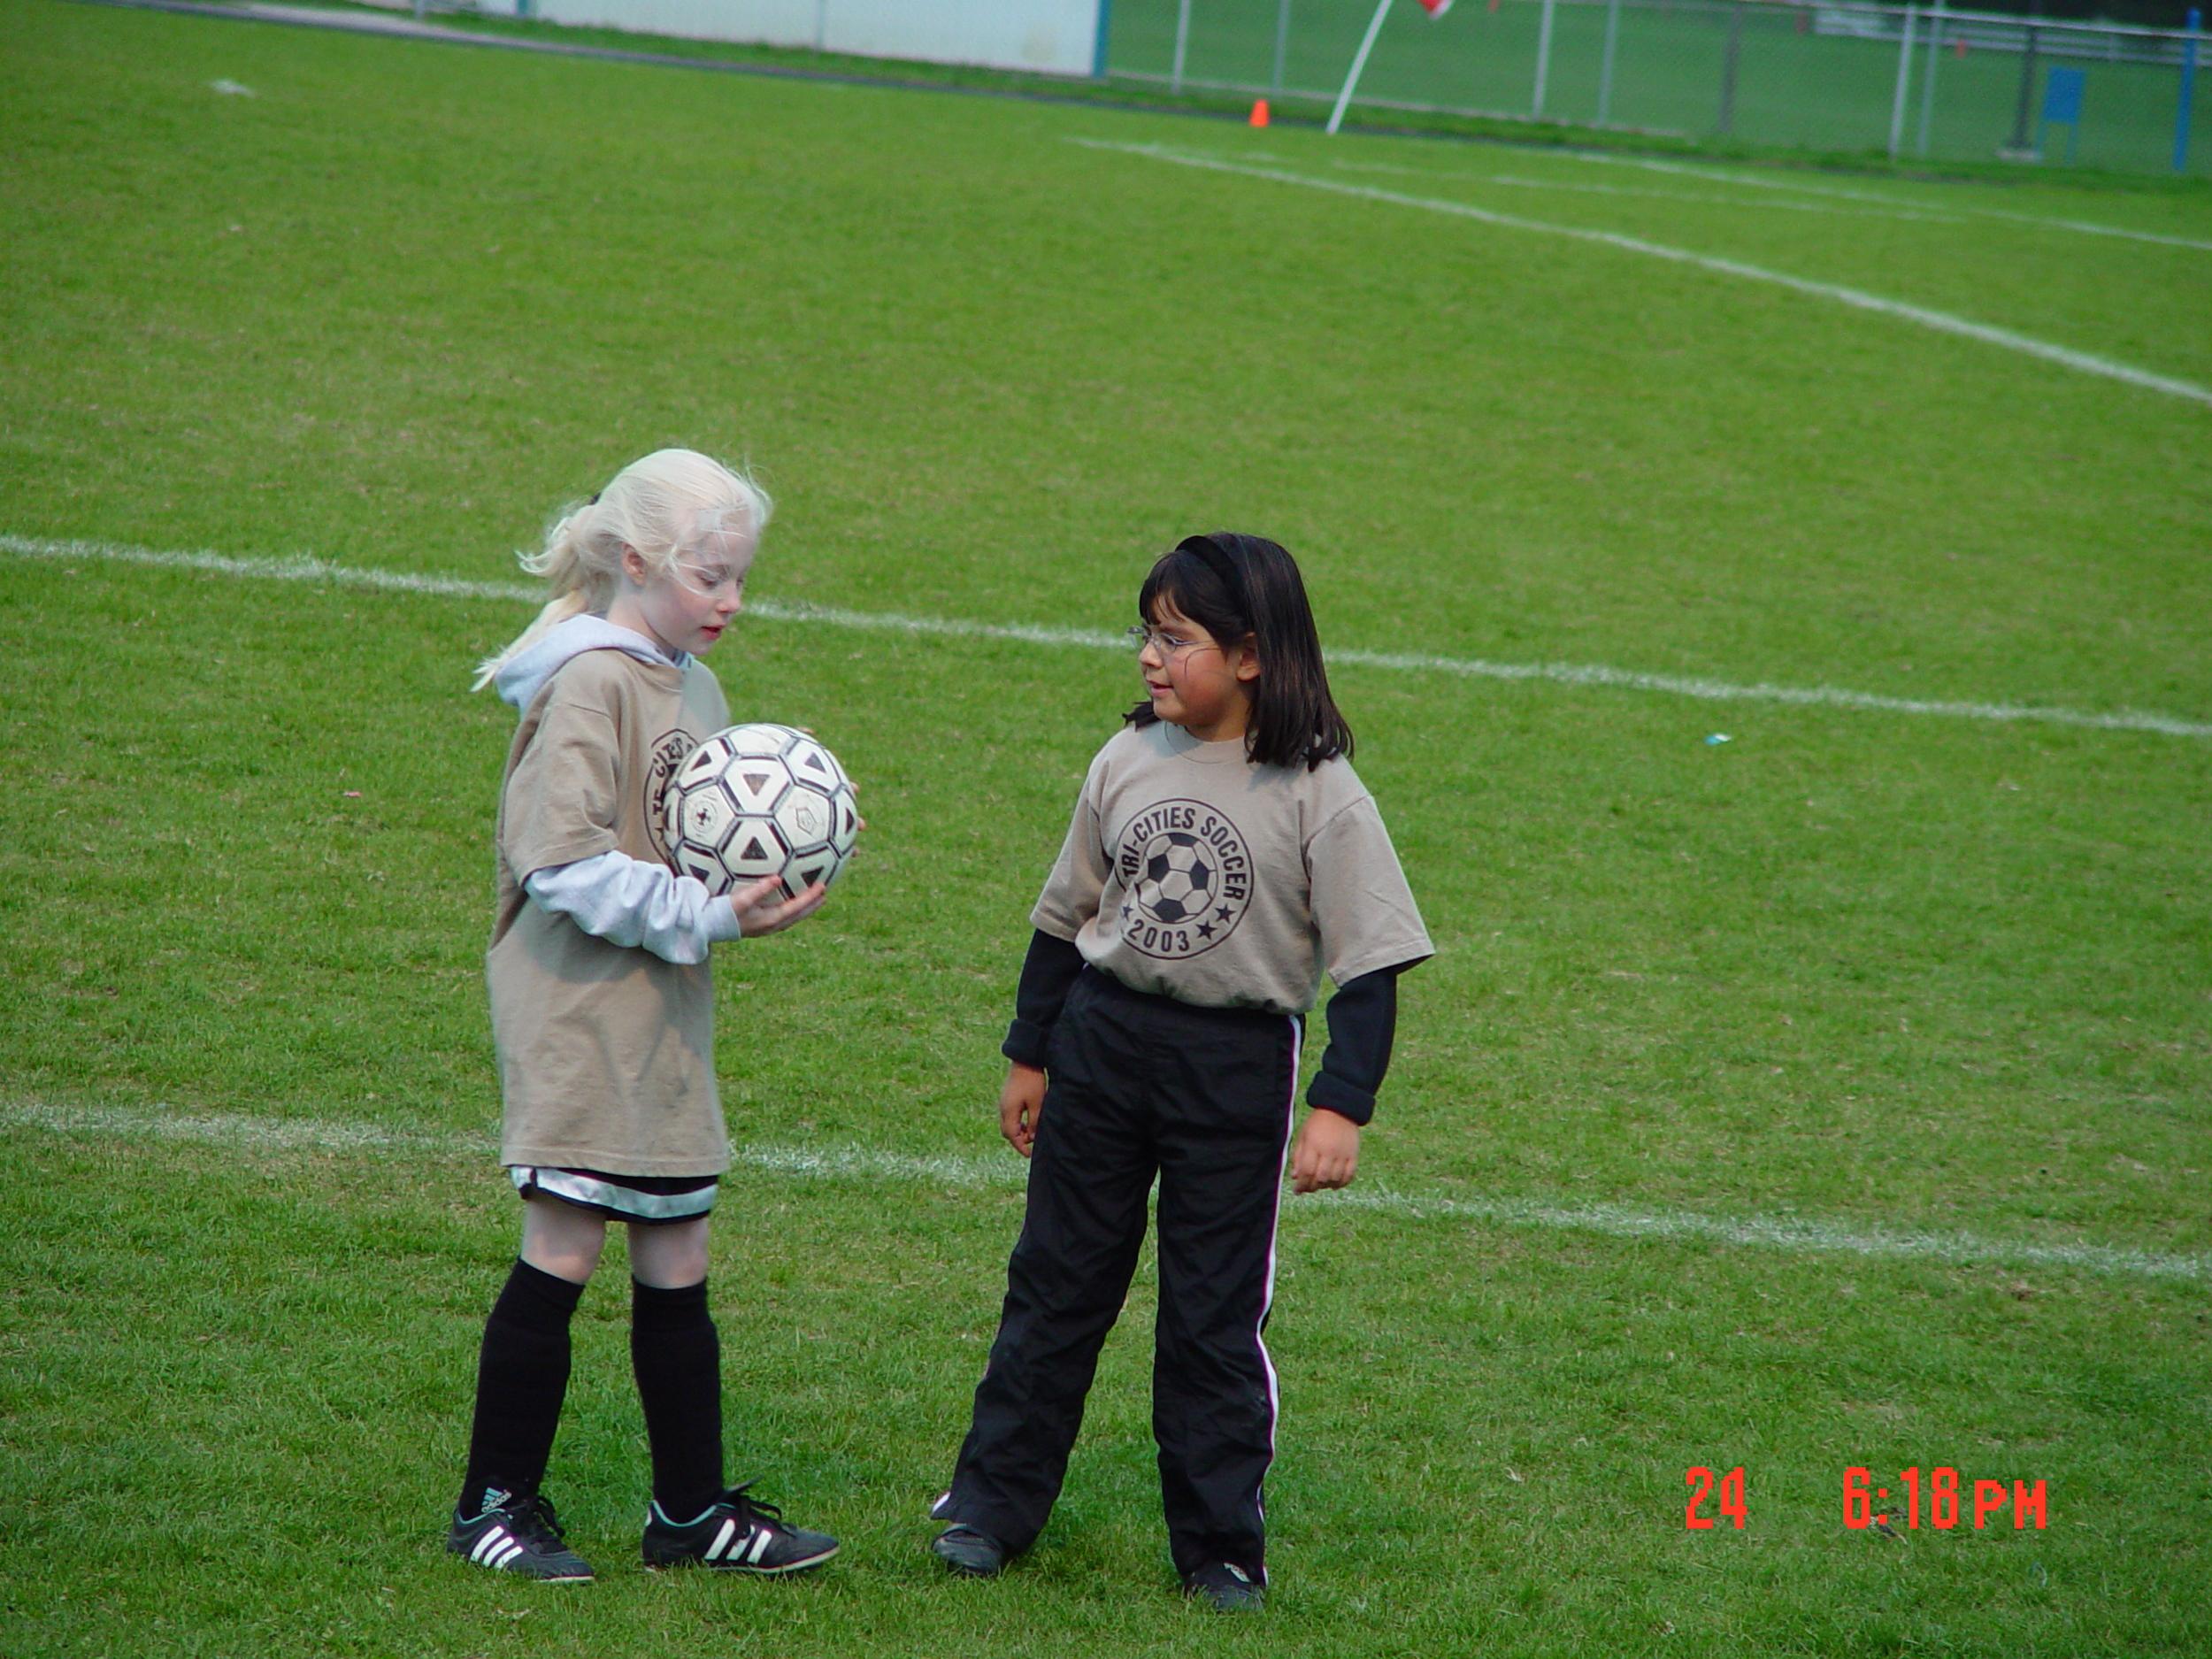 Alyssa & Liz Soccer_8 years.JPG